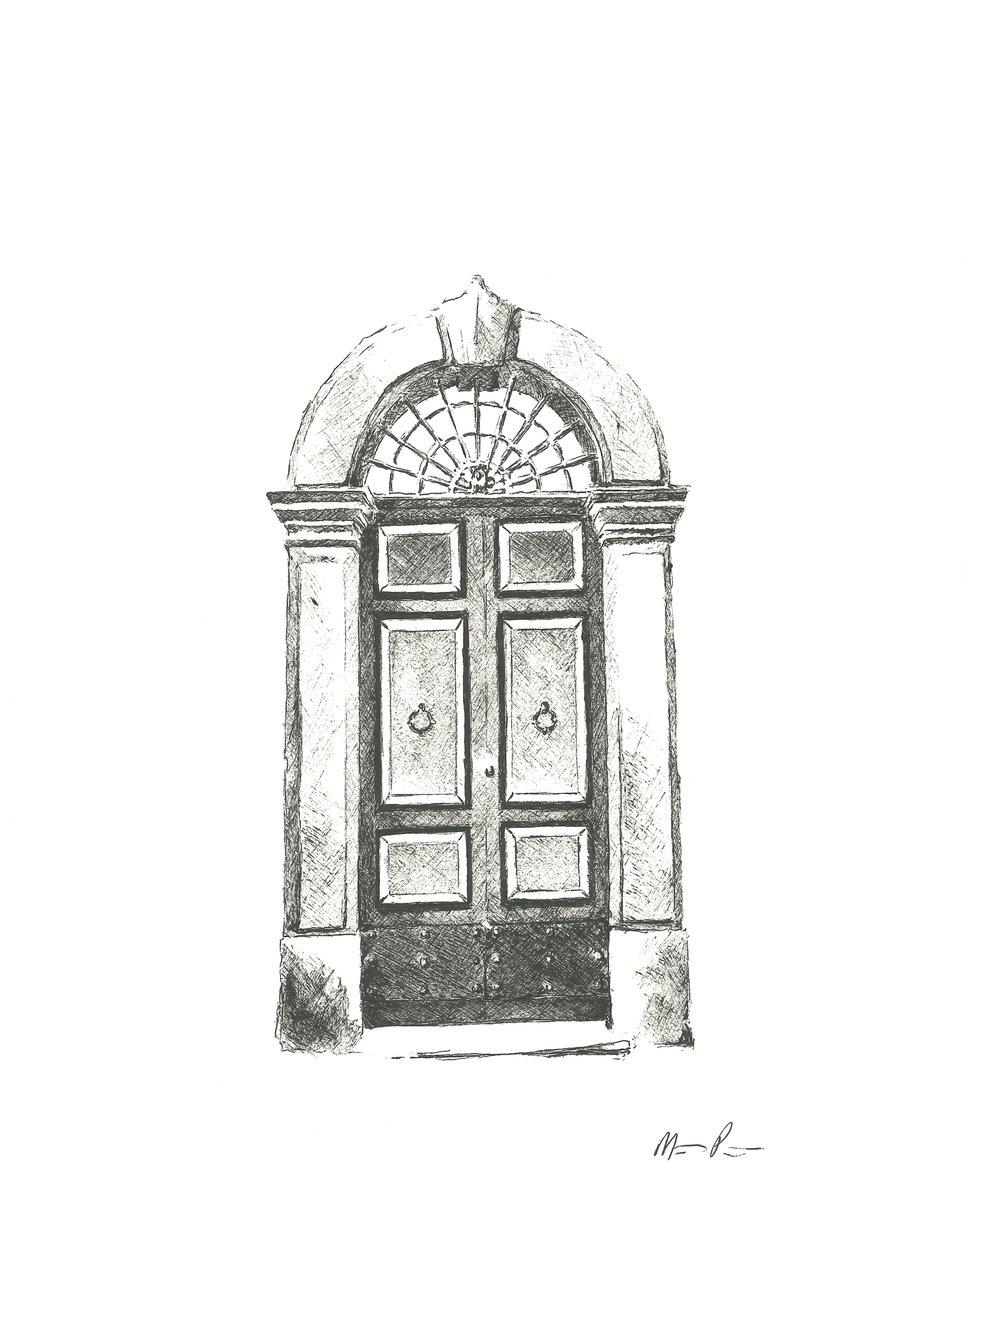 Roman Door - 9'' x 12''$150